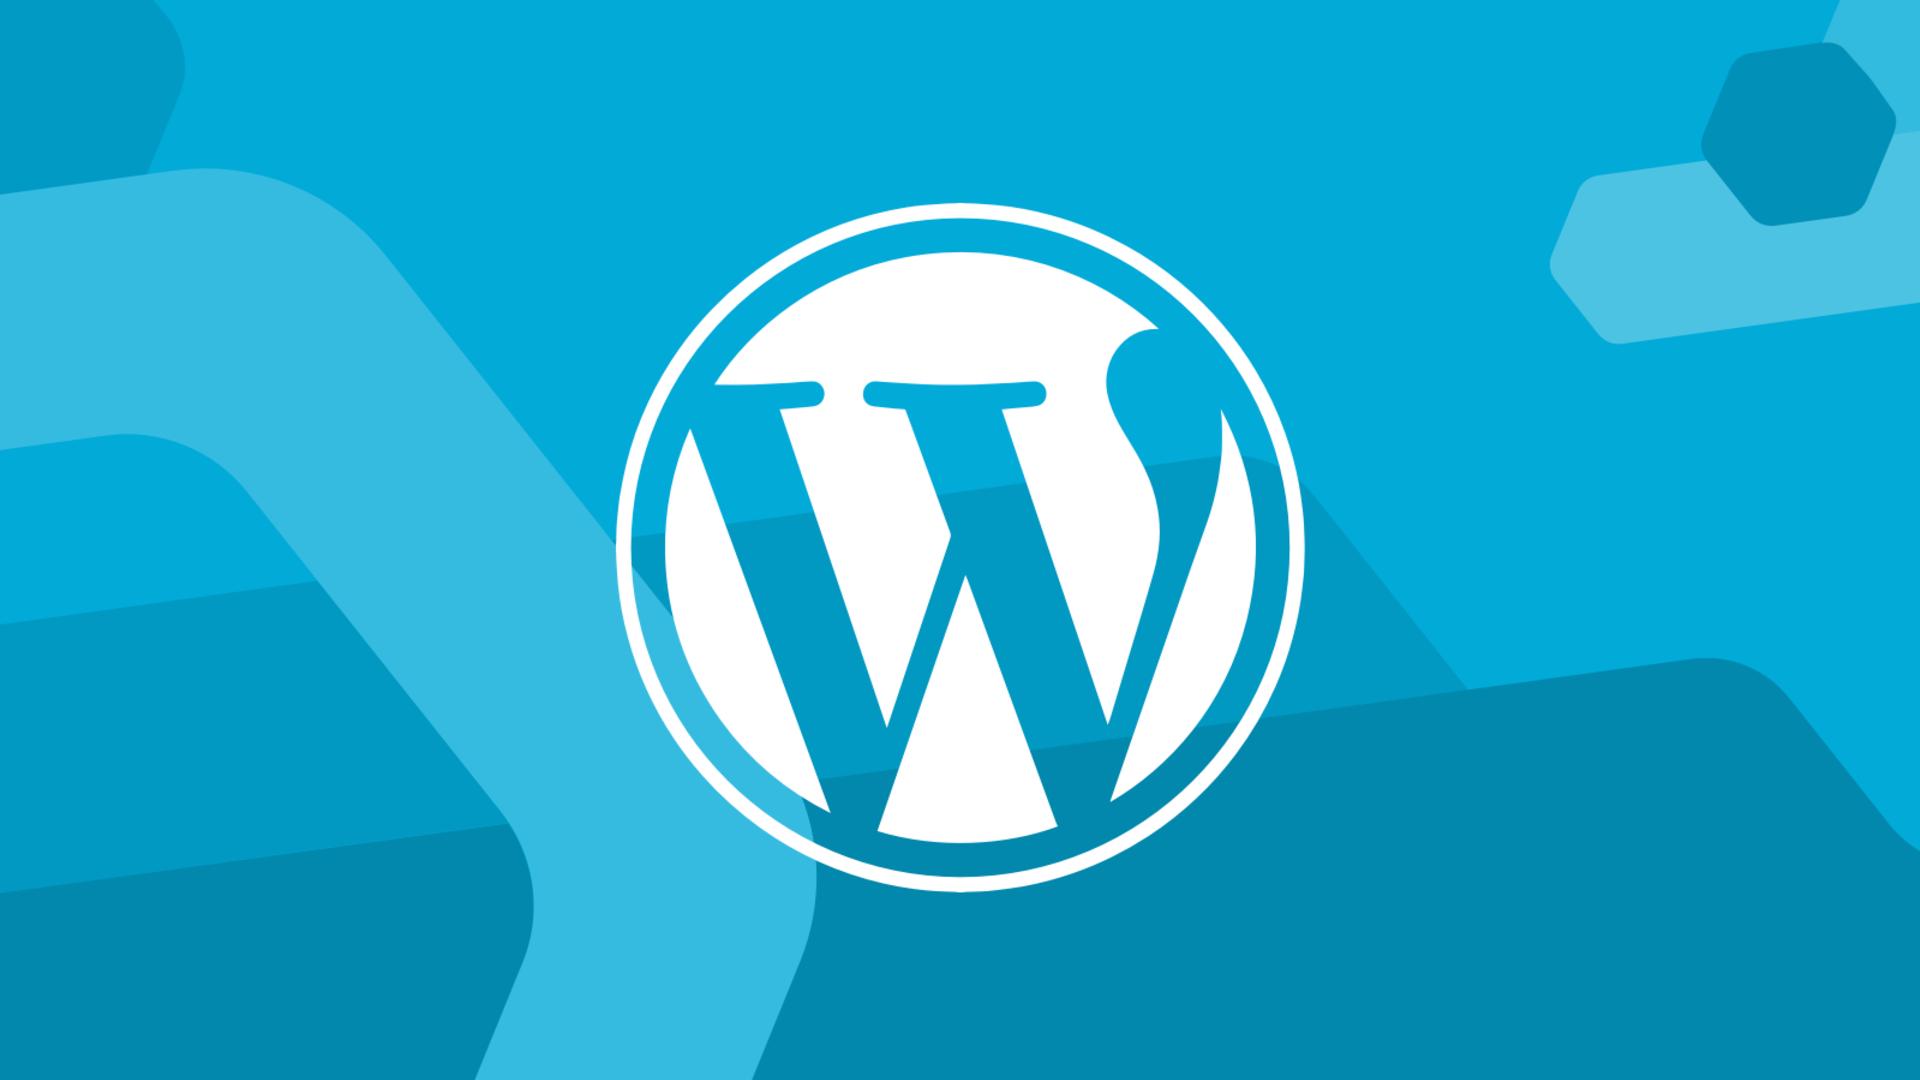 разработка создание сайта веб-студия dpmine, Что такое WordPress?, Разработка и создание сайтов в Днепре